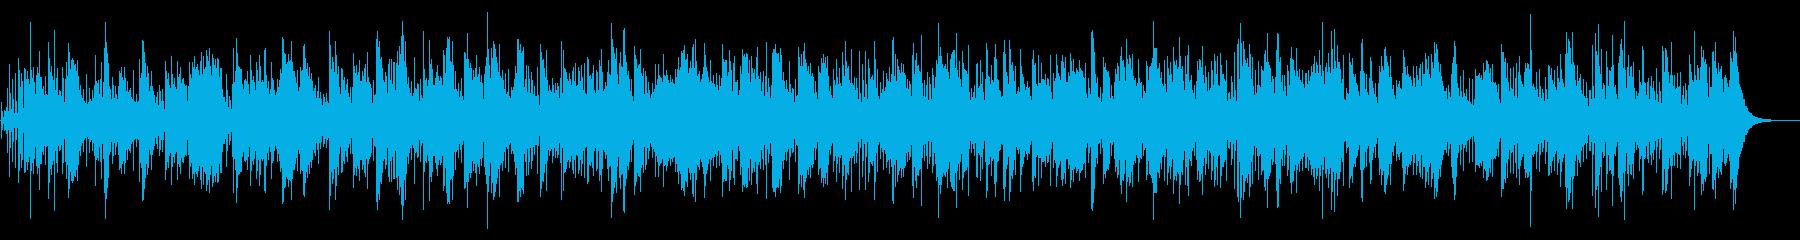 初夏の爽やかなボサノバBGMの再生済みの波形